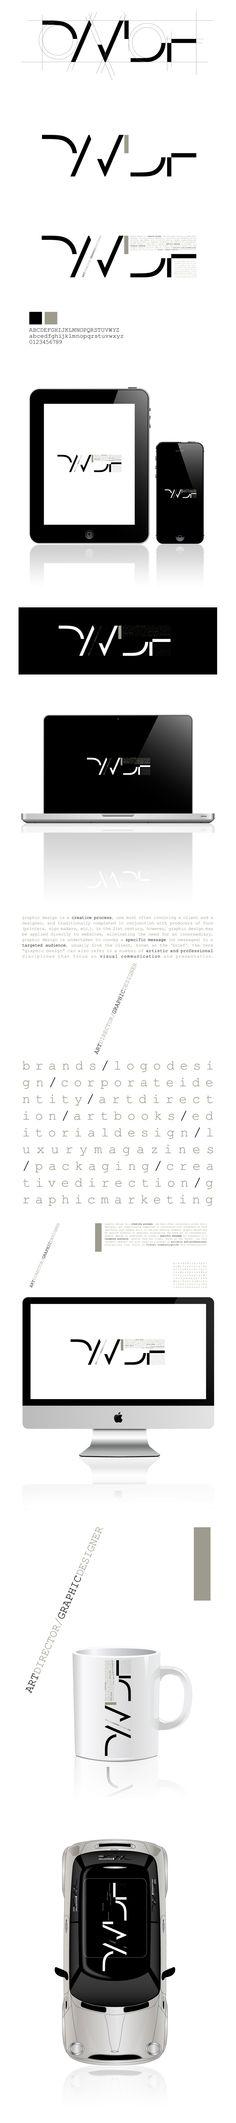 davidh® - new brand 2o13